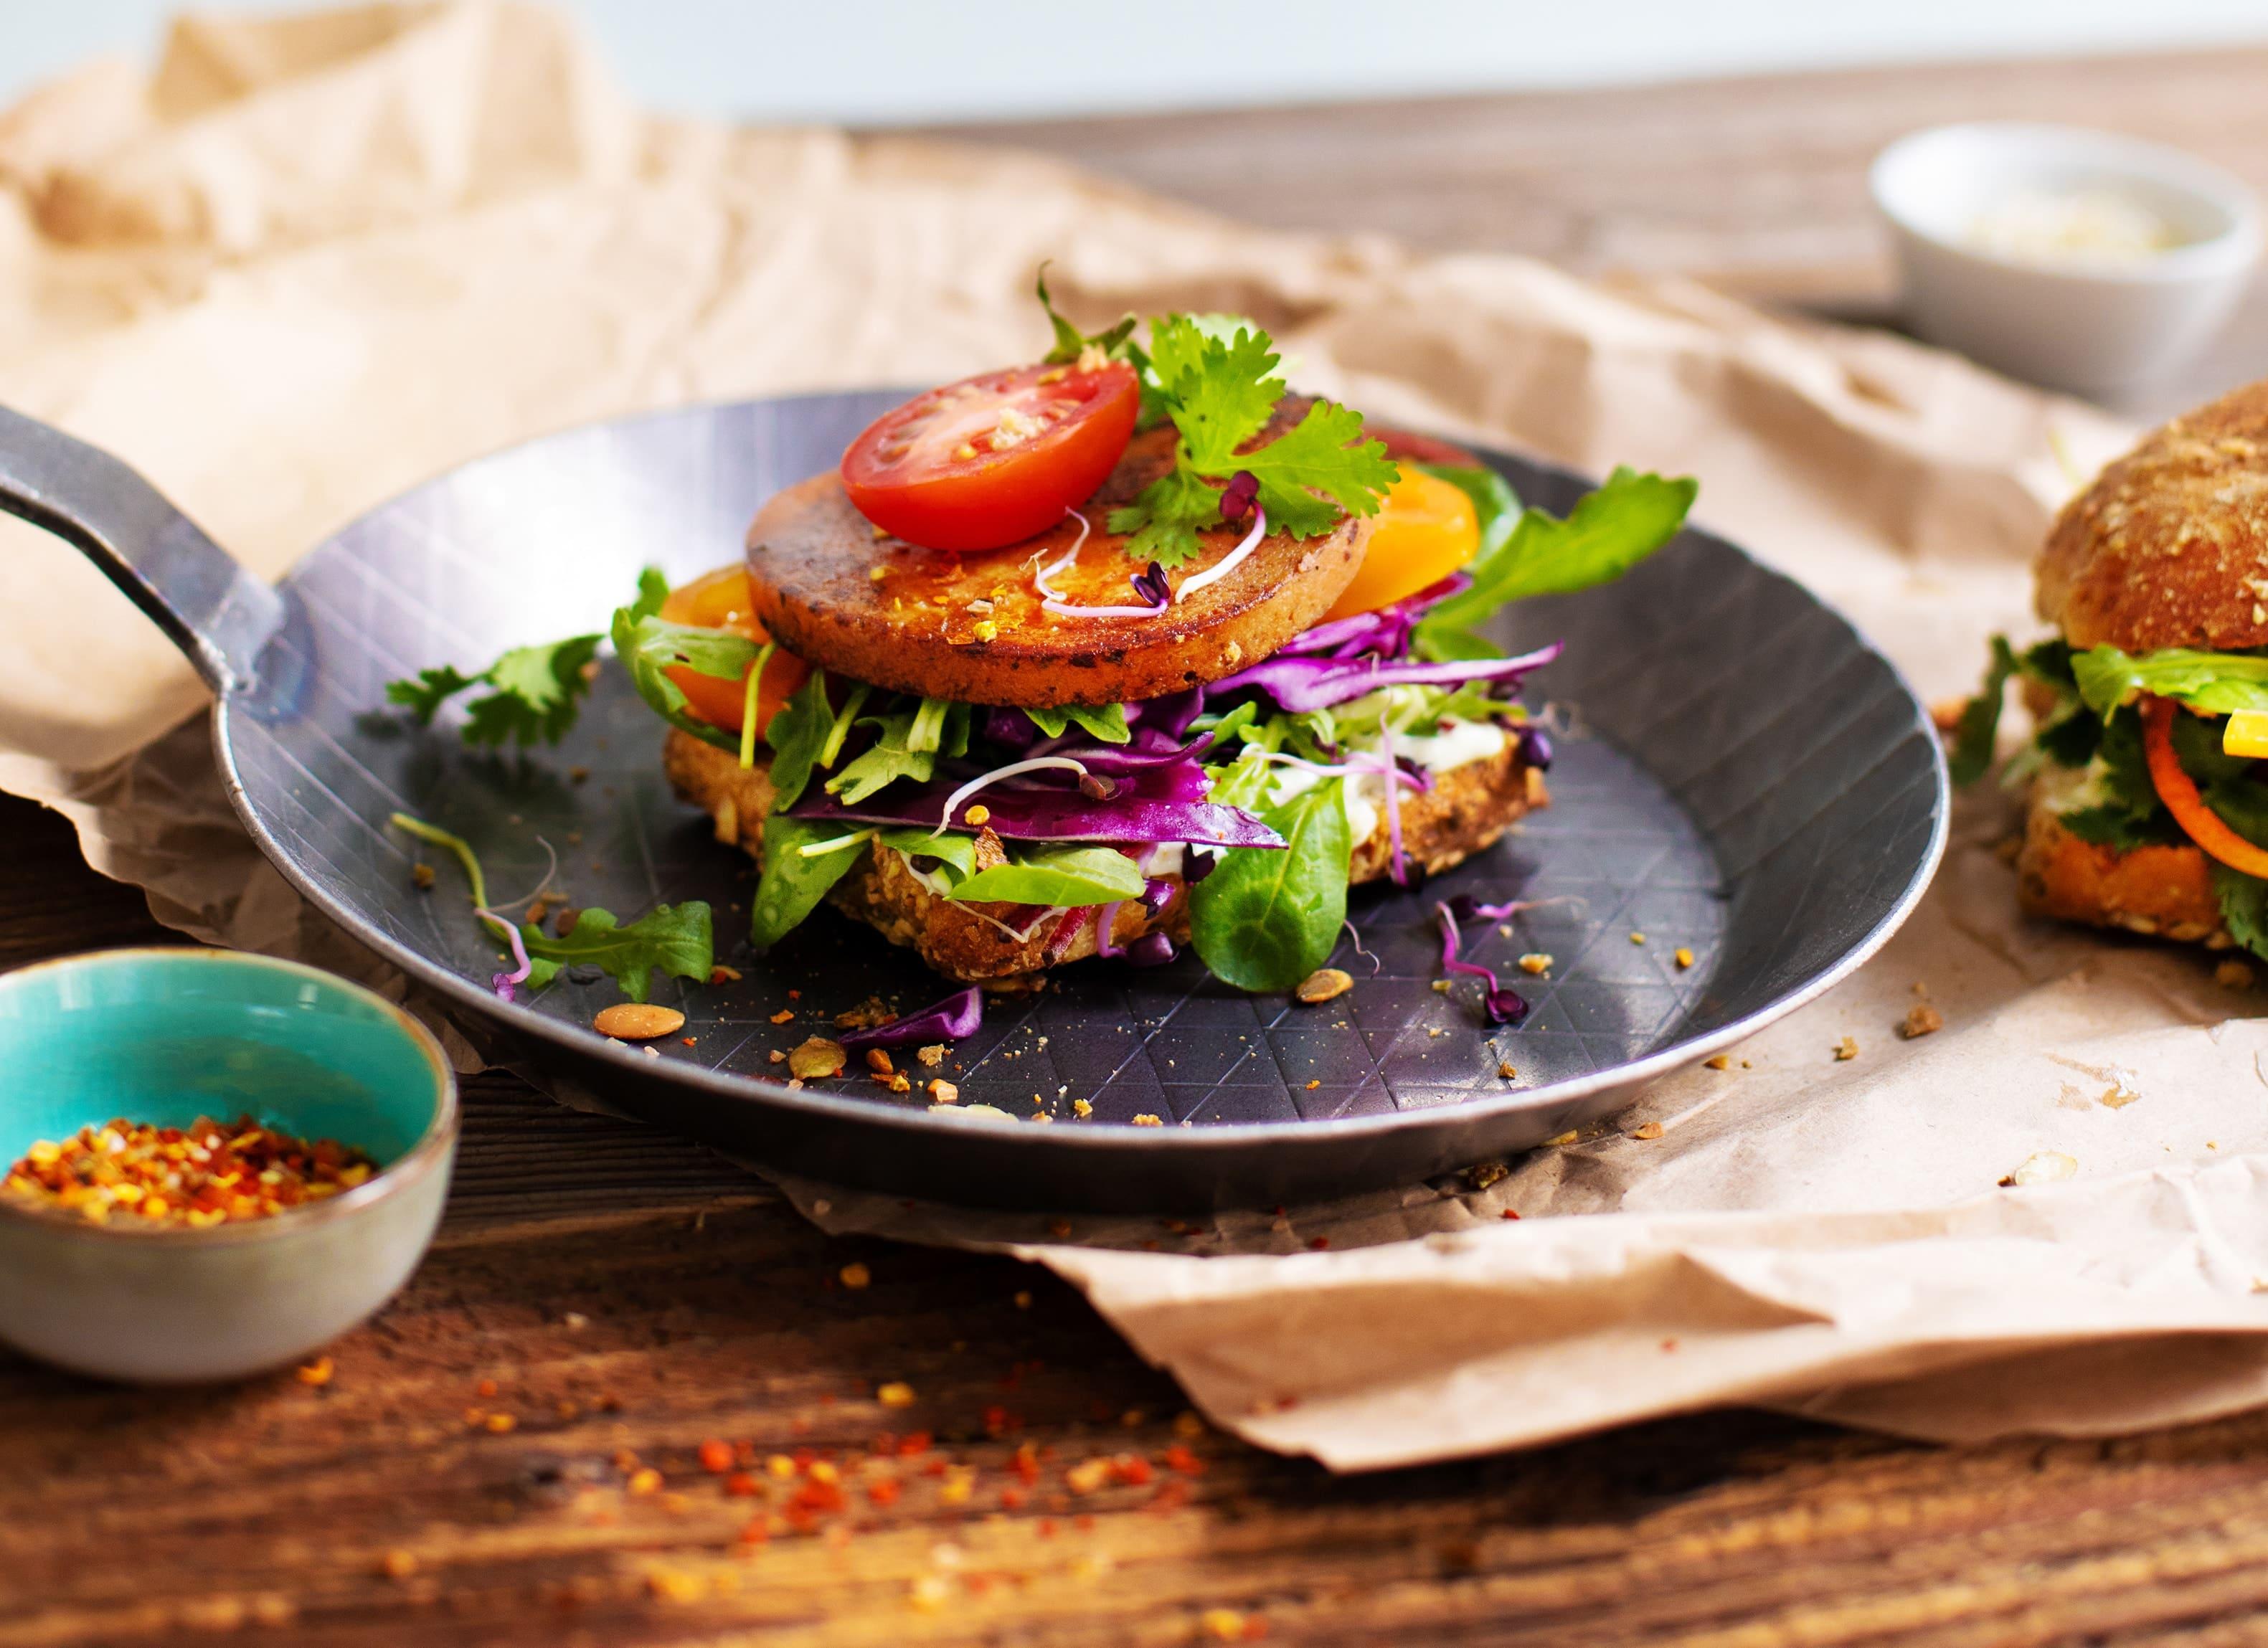 Vantastic foods Burger Deluxe